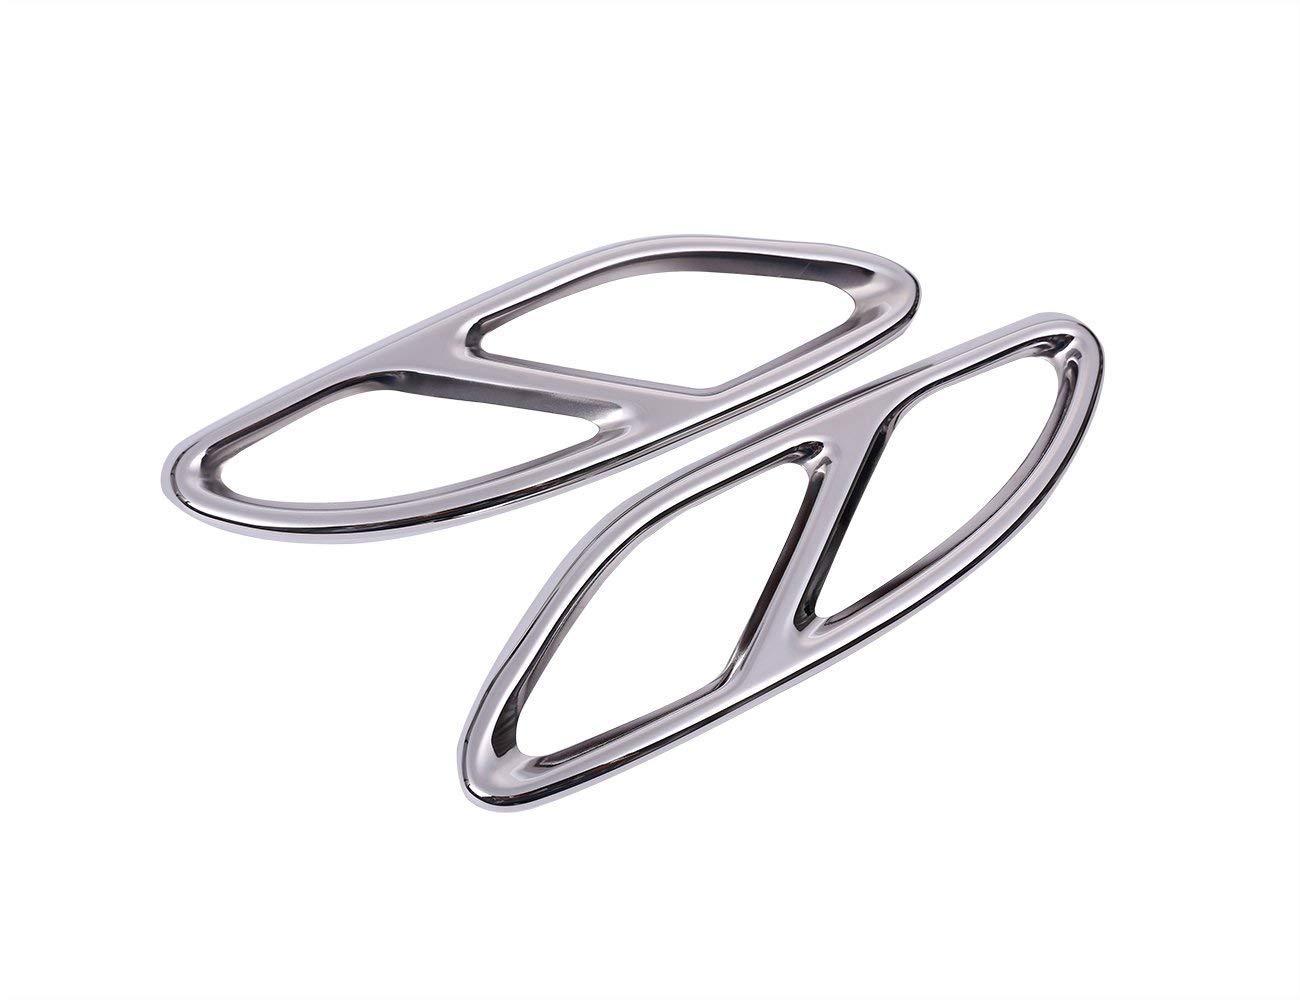 Accessorio per veicolo auto esterno, per CLASSE E W213 W205 COUPE W246 GLC W176 GLS GLS CLA, uscita per tubo gola Uscita coperchio per telaio posteriore Auto esterno Trim Acciaio inox Argento, 2 pezzi / set ACCEMOD